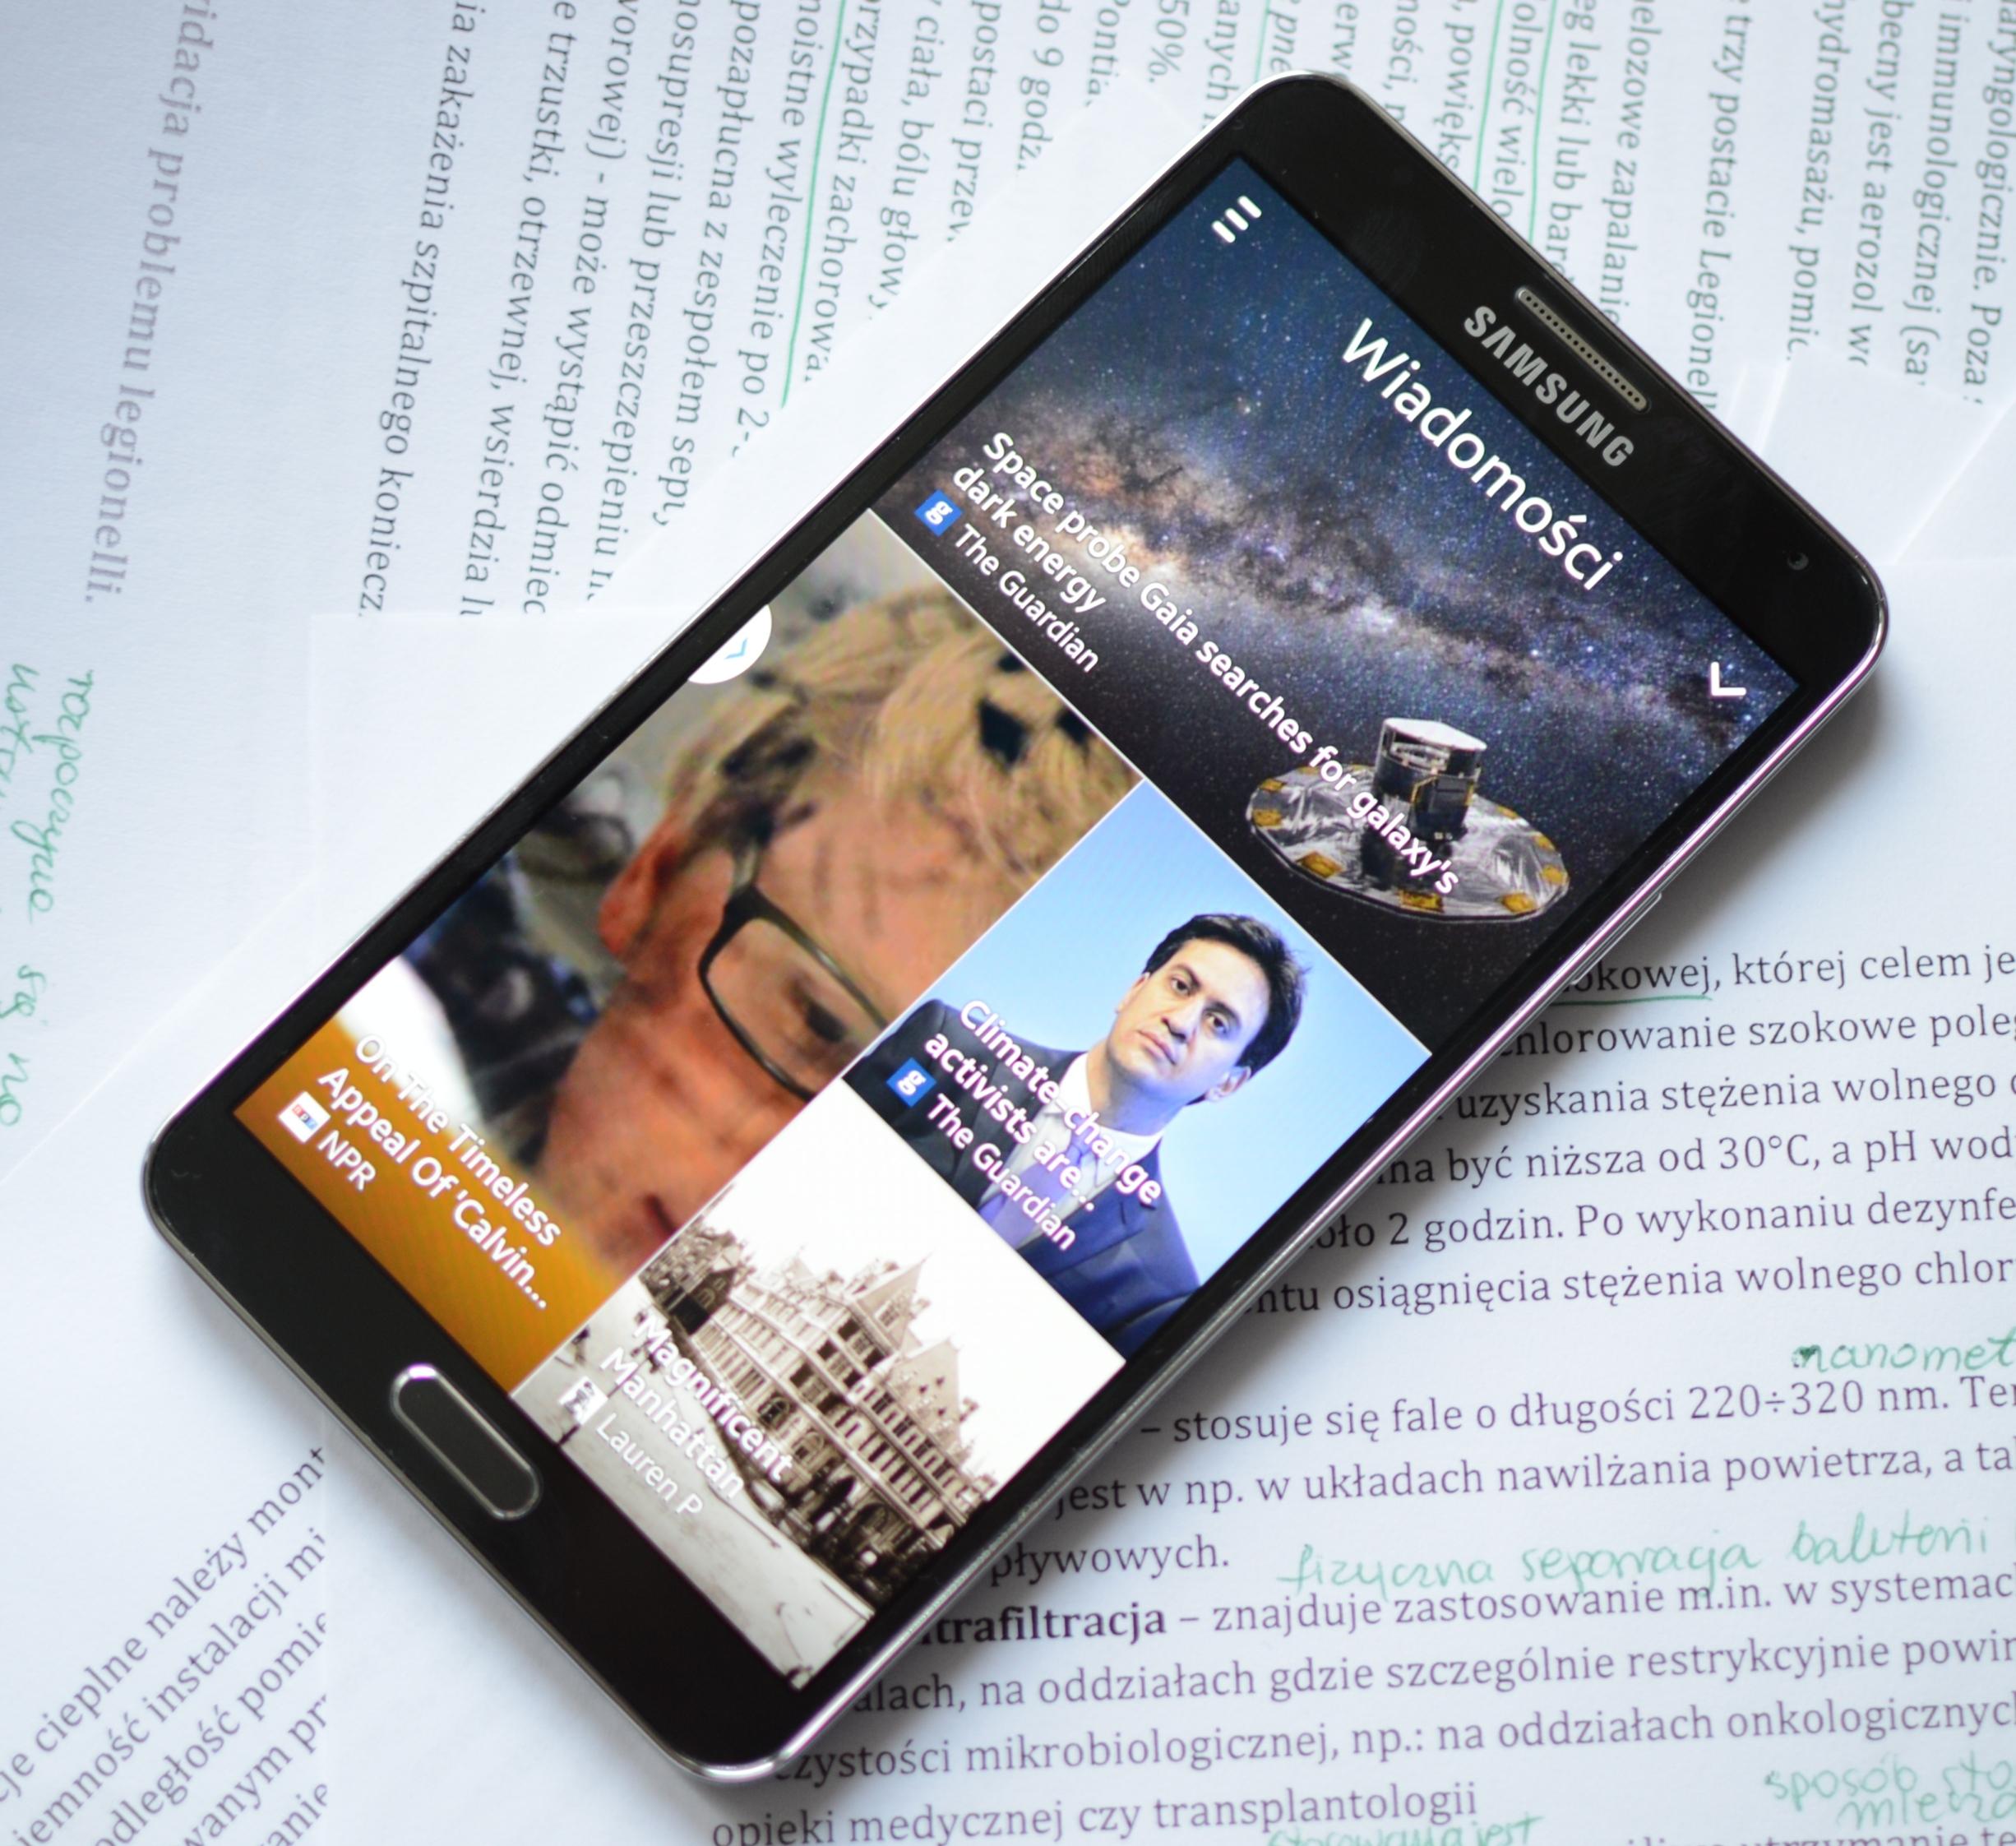 Od wielkich telefonów do małych i z powrotem do wielkich… co będzie dalej?